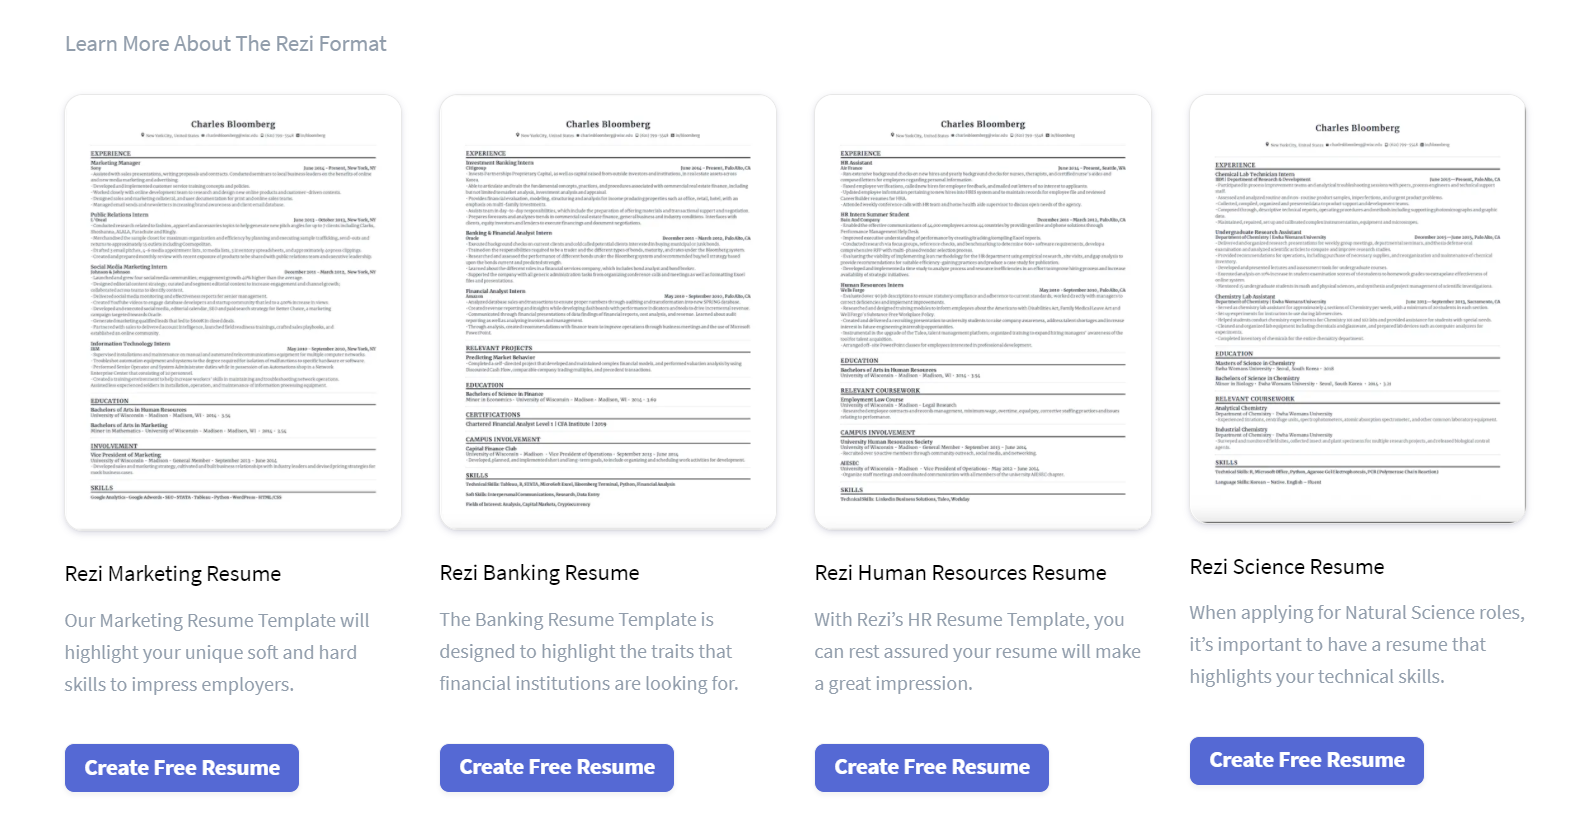 Sample resume templates from online resume builder Rezi